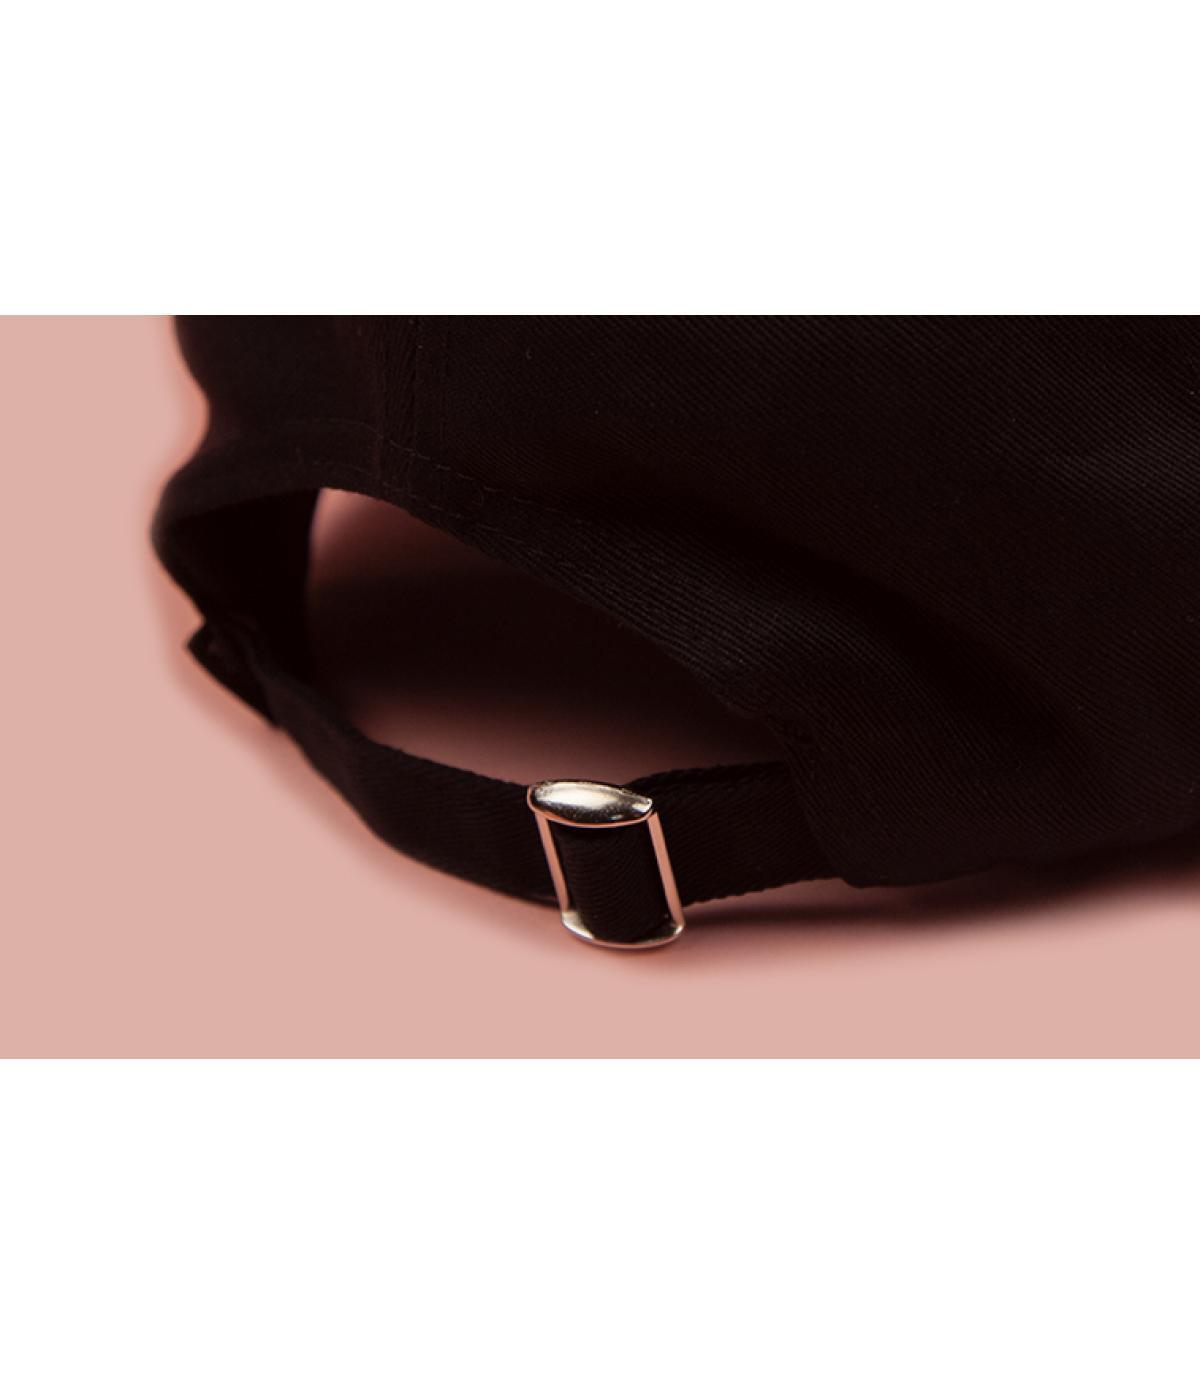 Details Curve Hand Love black white - afbeeling 4